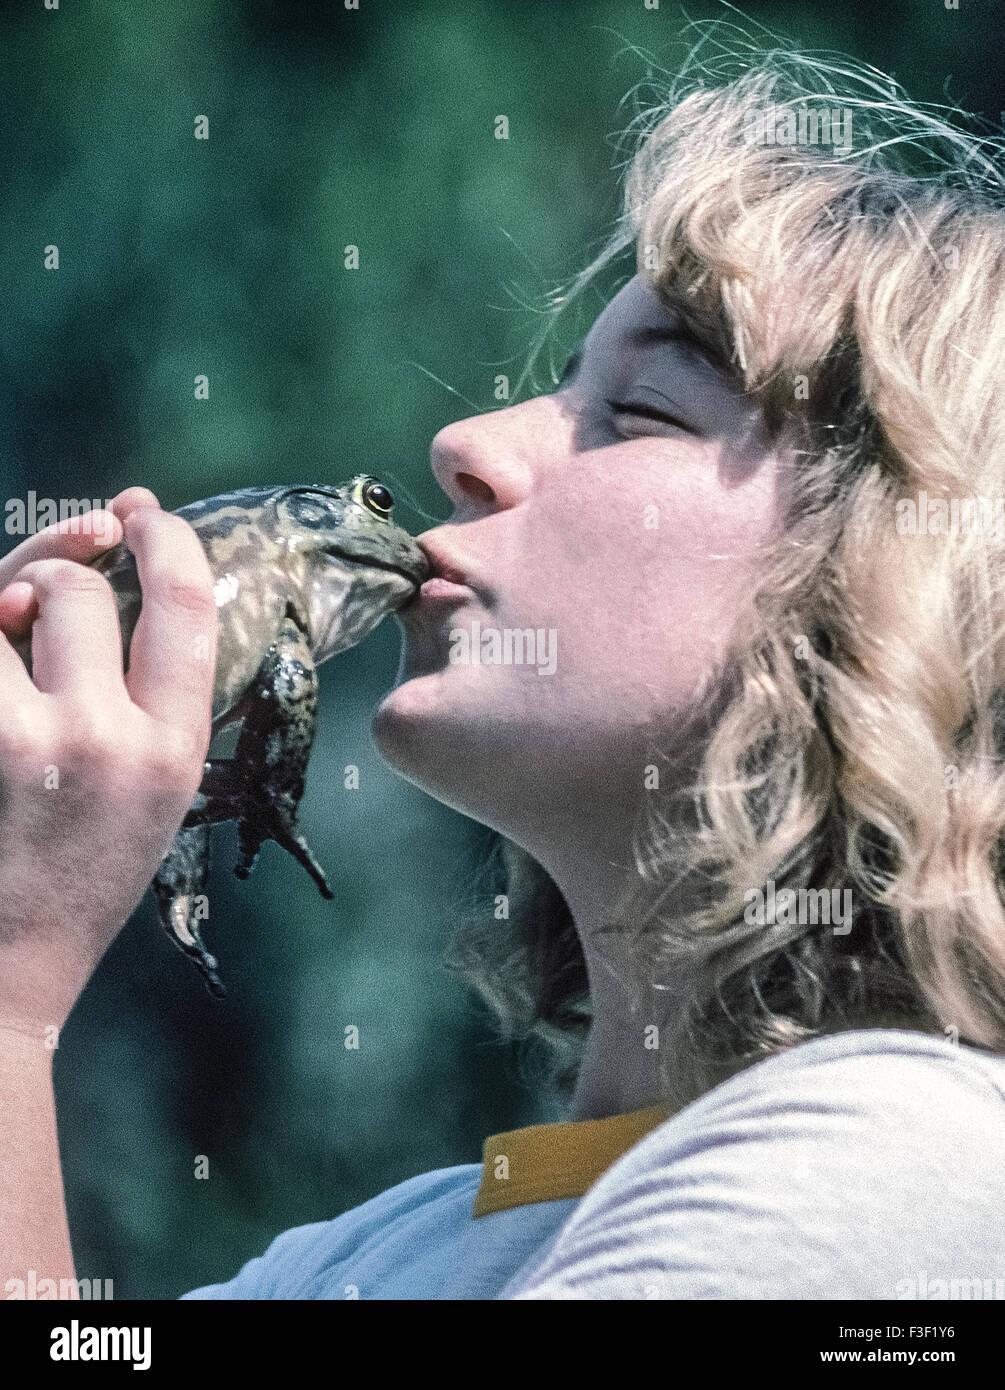 Una giovane ragazza bacia il ranocchio durante una rana jumping contest in Del Mar, California, Stati Uniti d'America. Immagini Stock